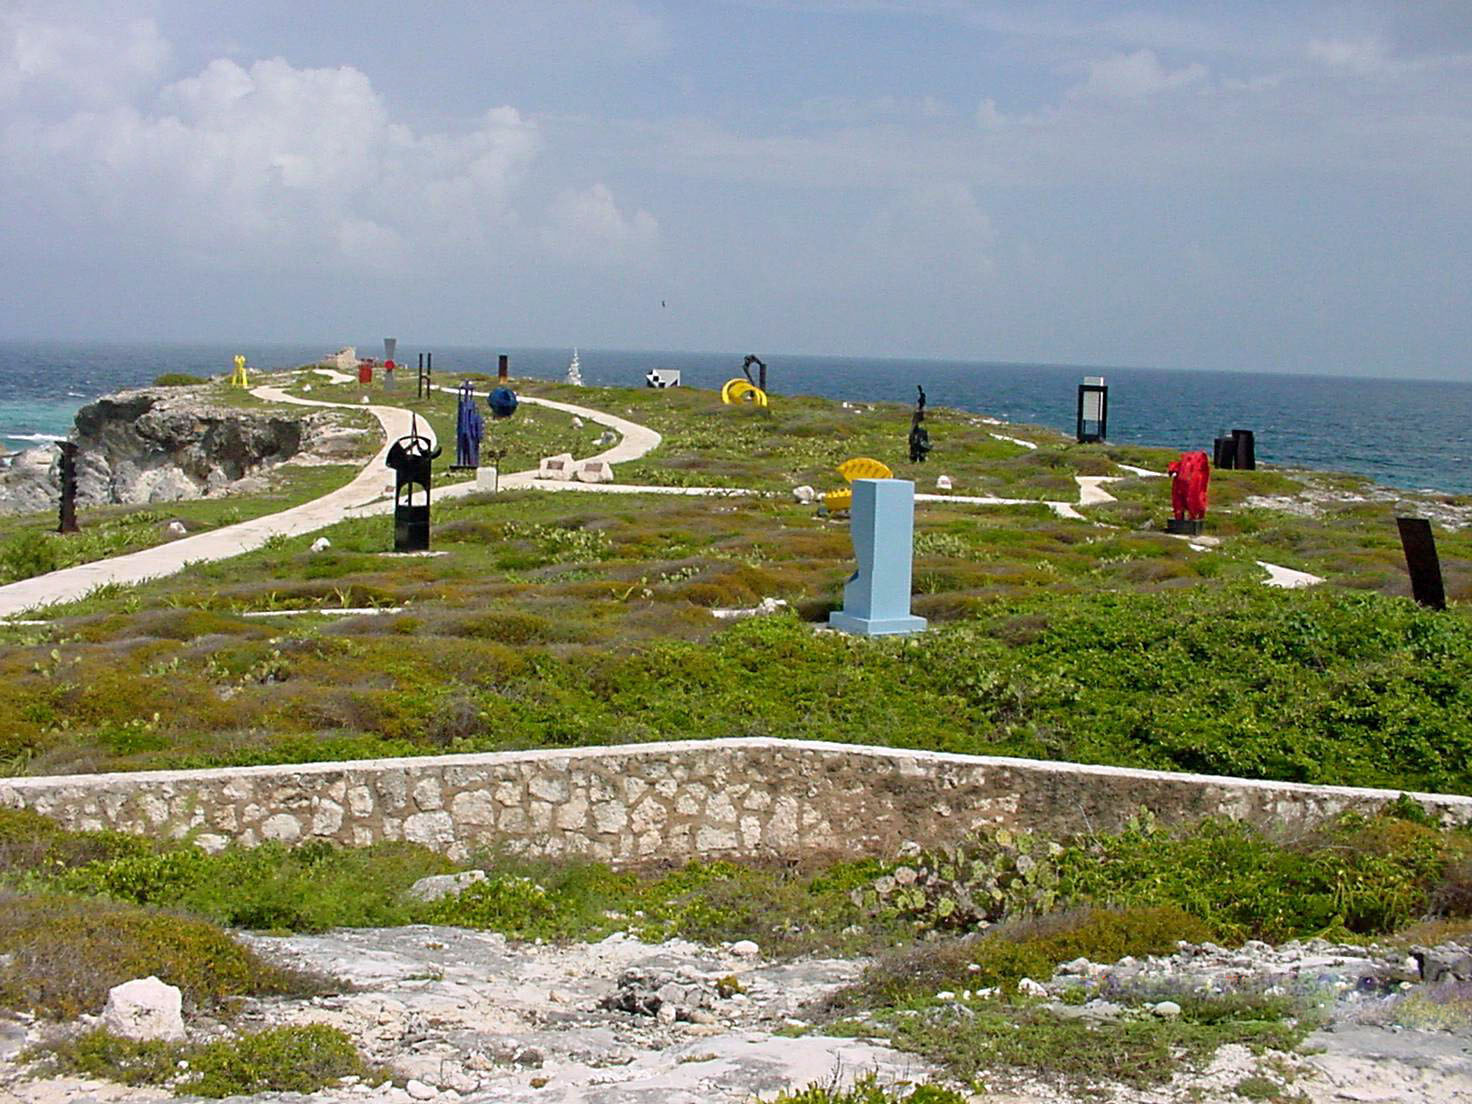 Sculpture Garden - Isla Mujeres, Mexico